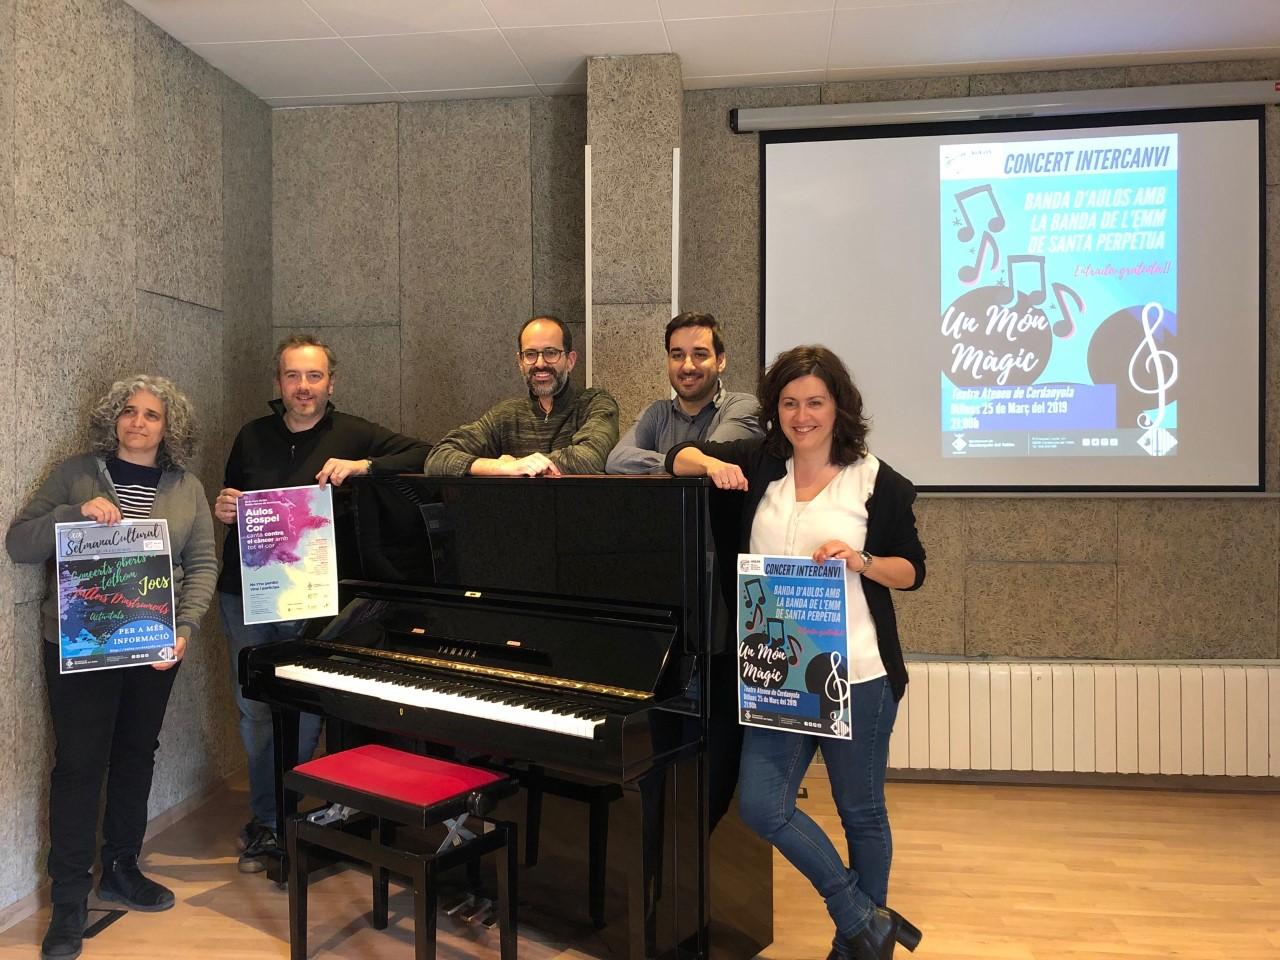 Presentació de la setmana cultural d'Aulos (d'esquerra a dreta: Raquel Prat, Pero Pardo, Marc Canelles, Àlex Gimeno i Elvi Vila)